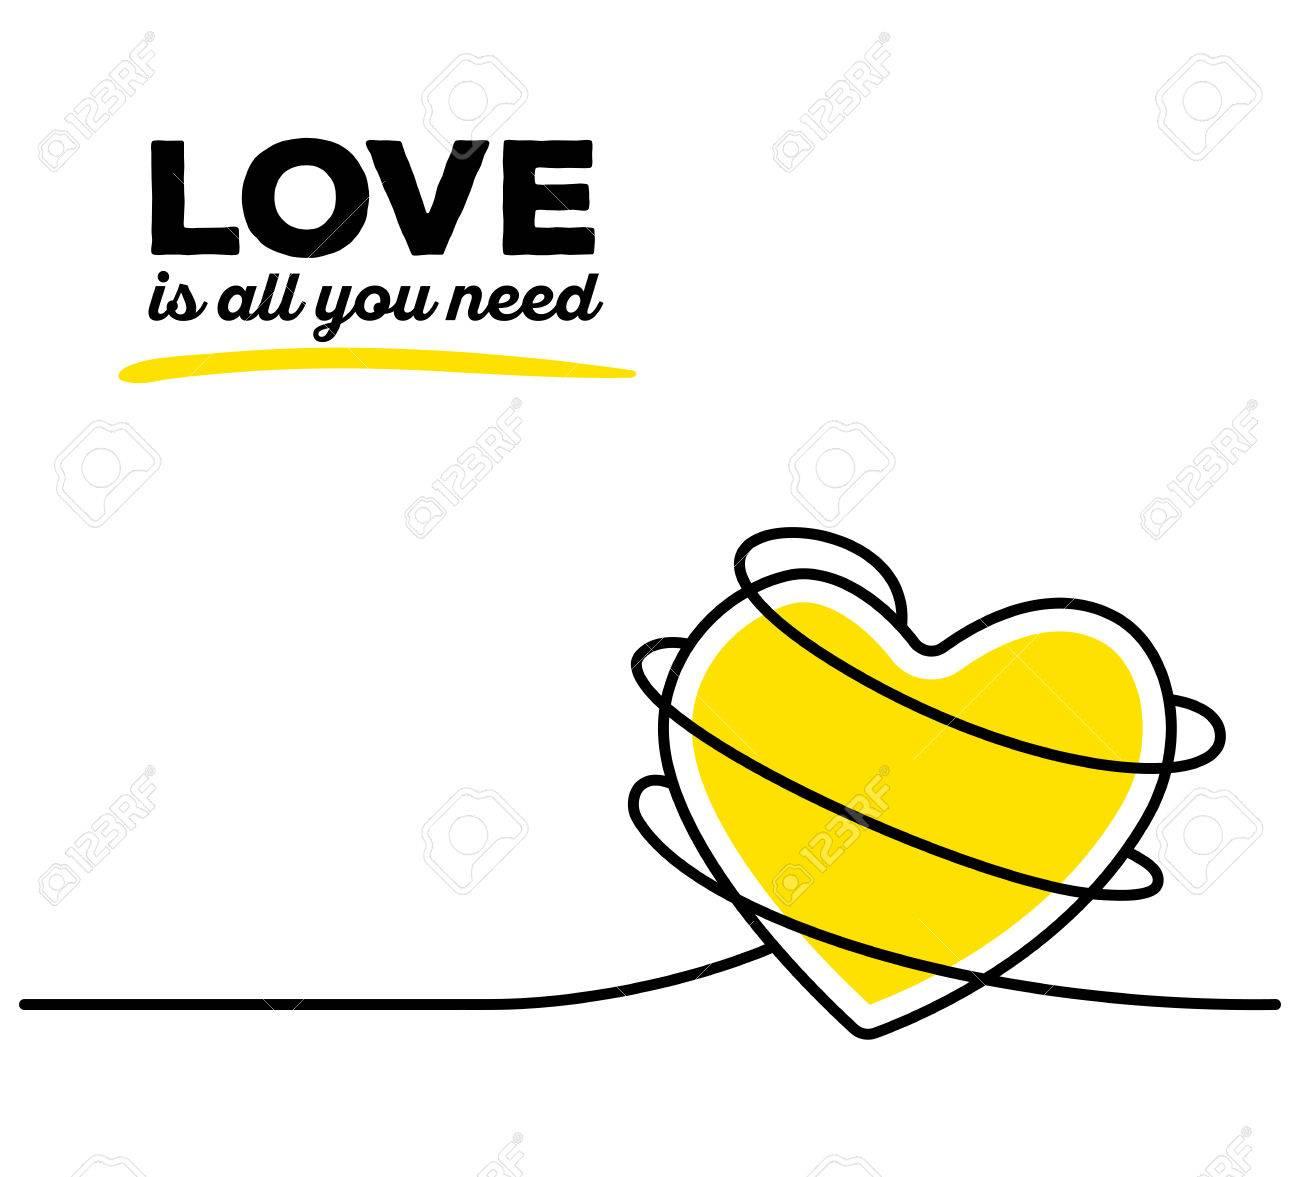 Vektor-Illustration Der Gelben Farbe Herz Mit Schwarzen Draht Und ...